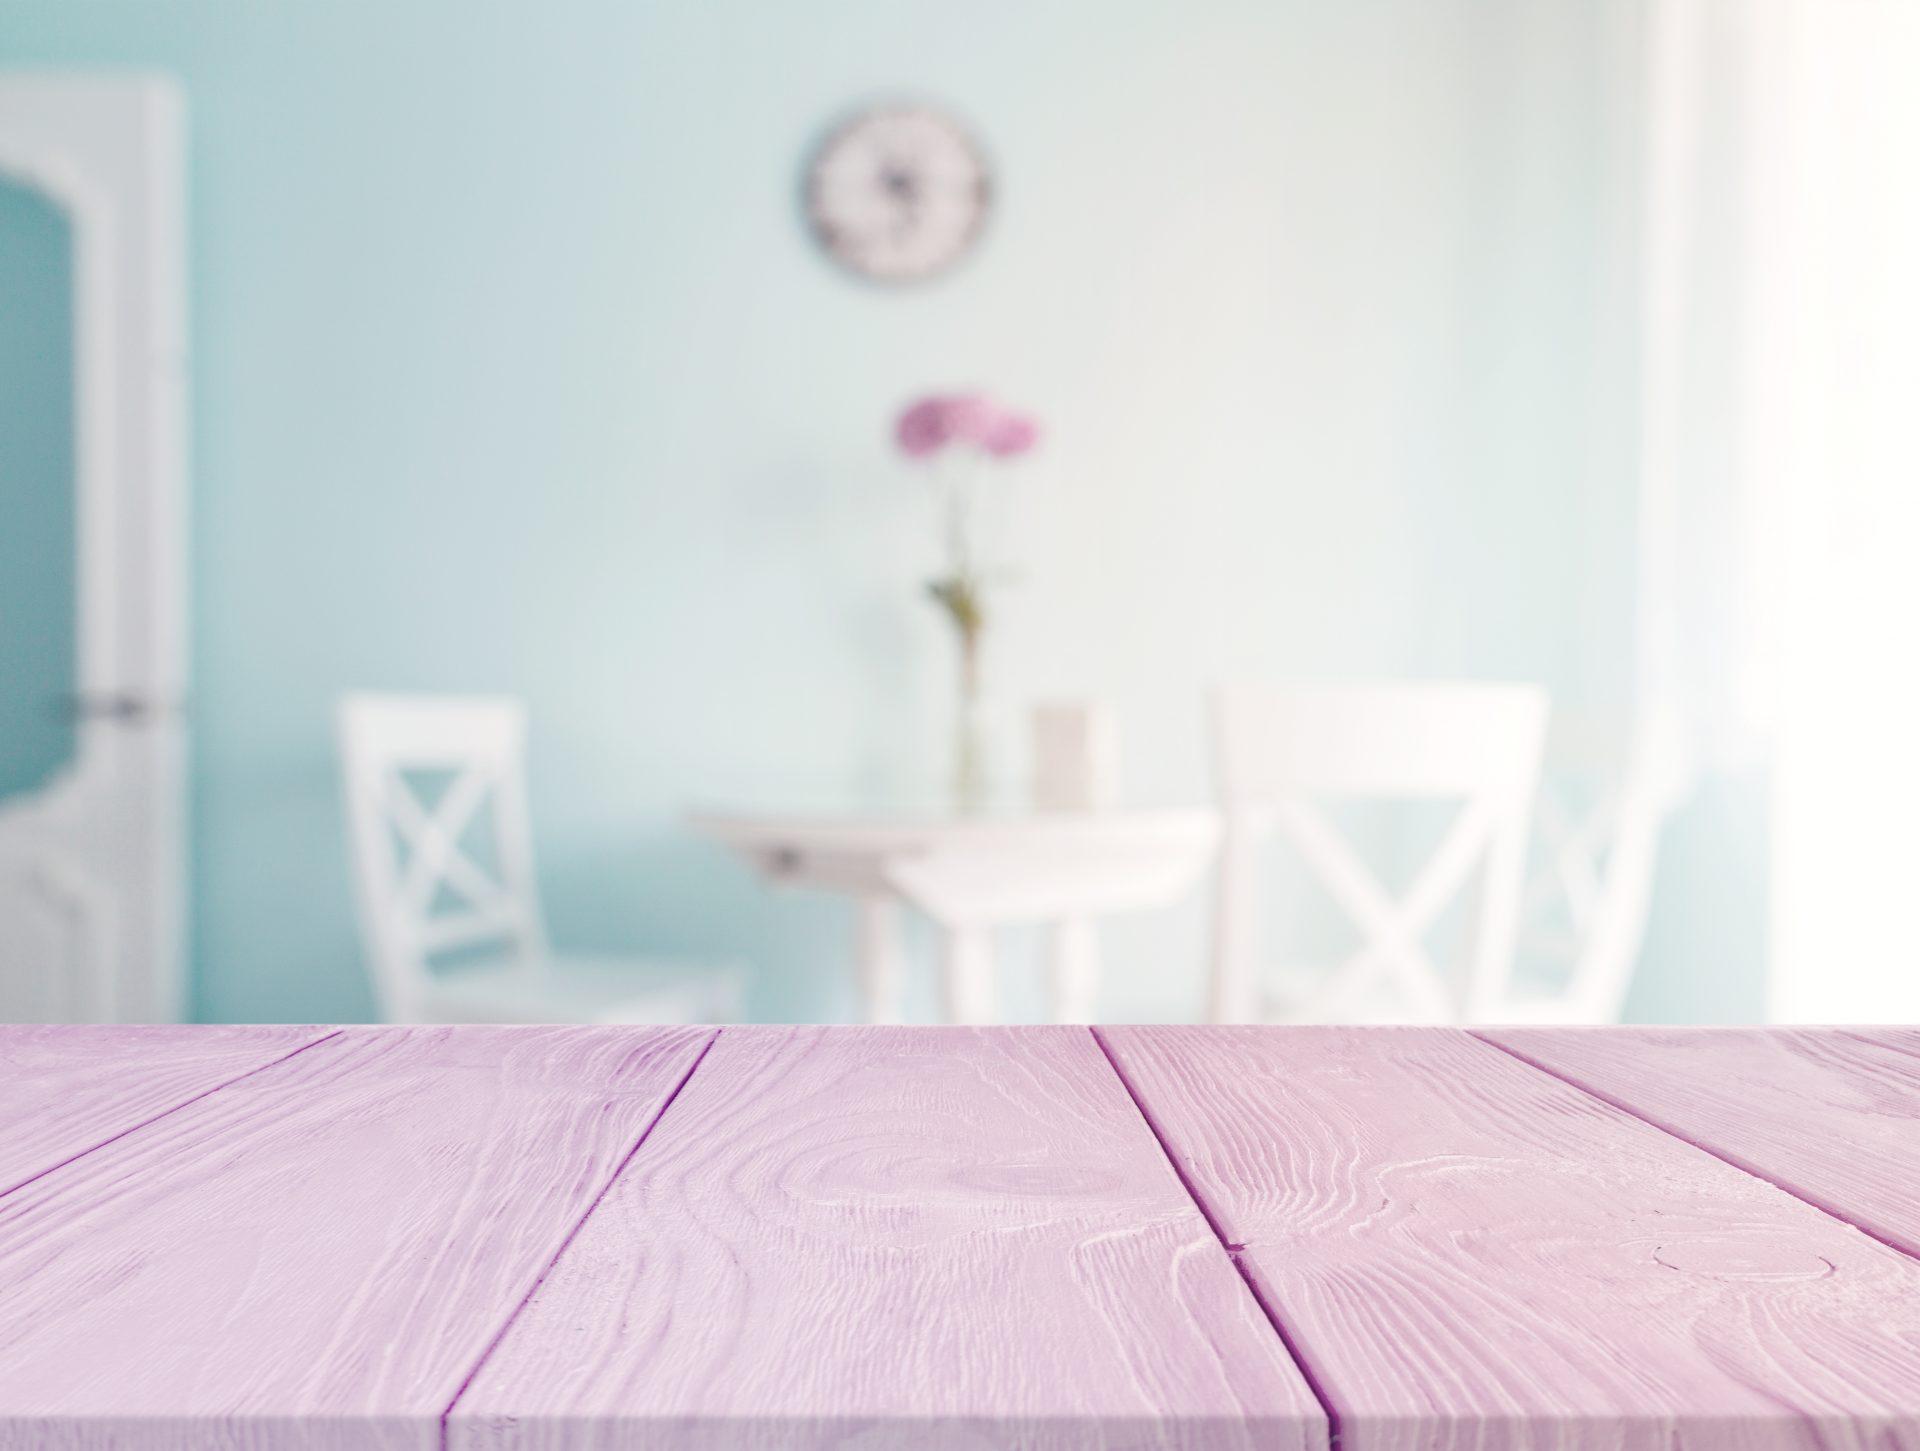 Farebné drevo - trend alebo úlet